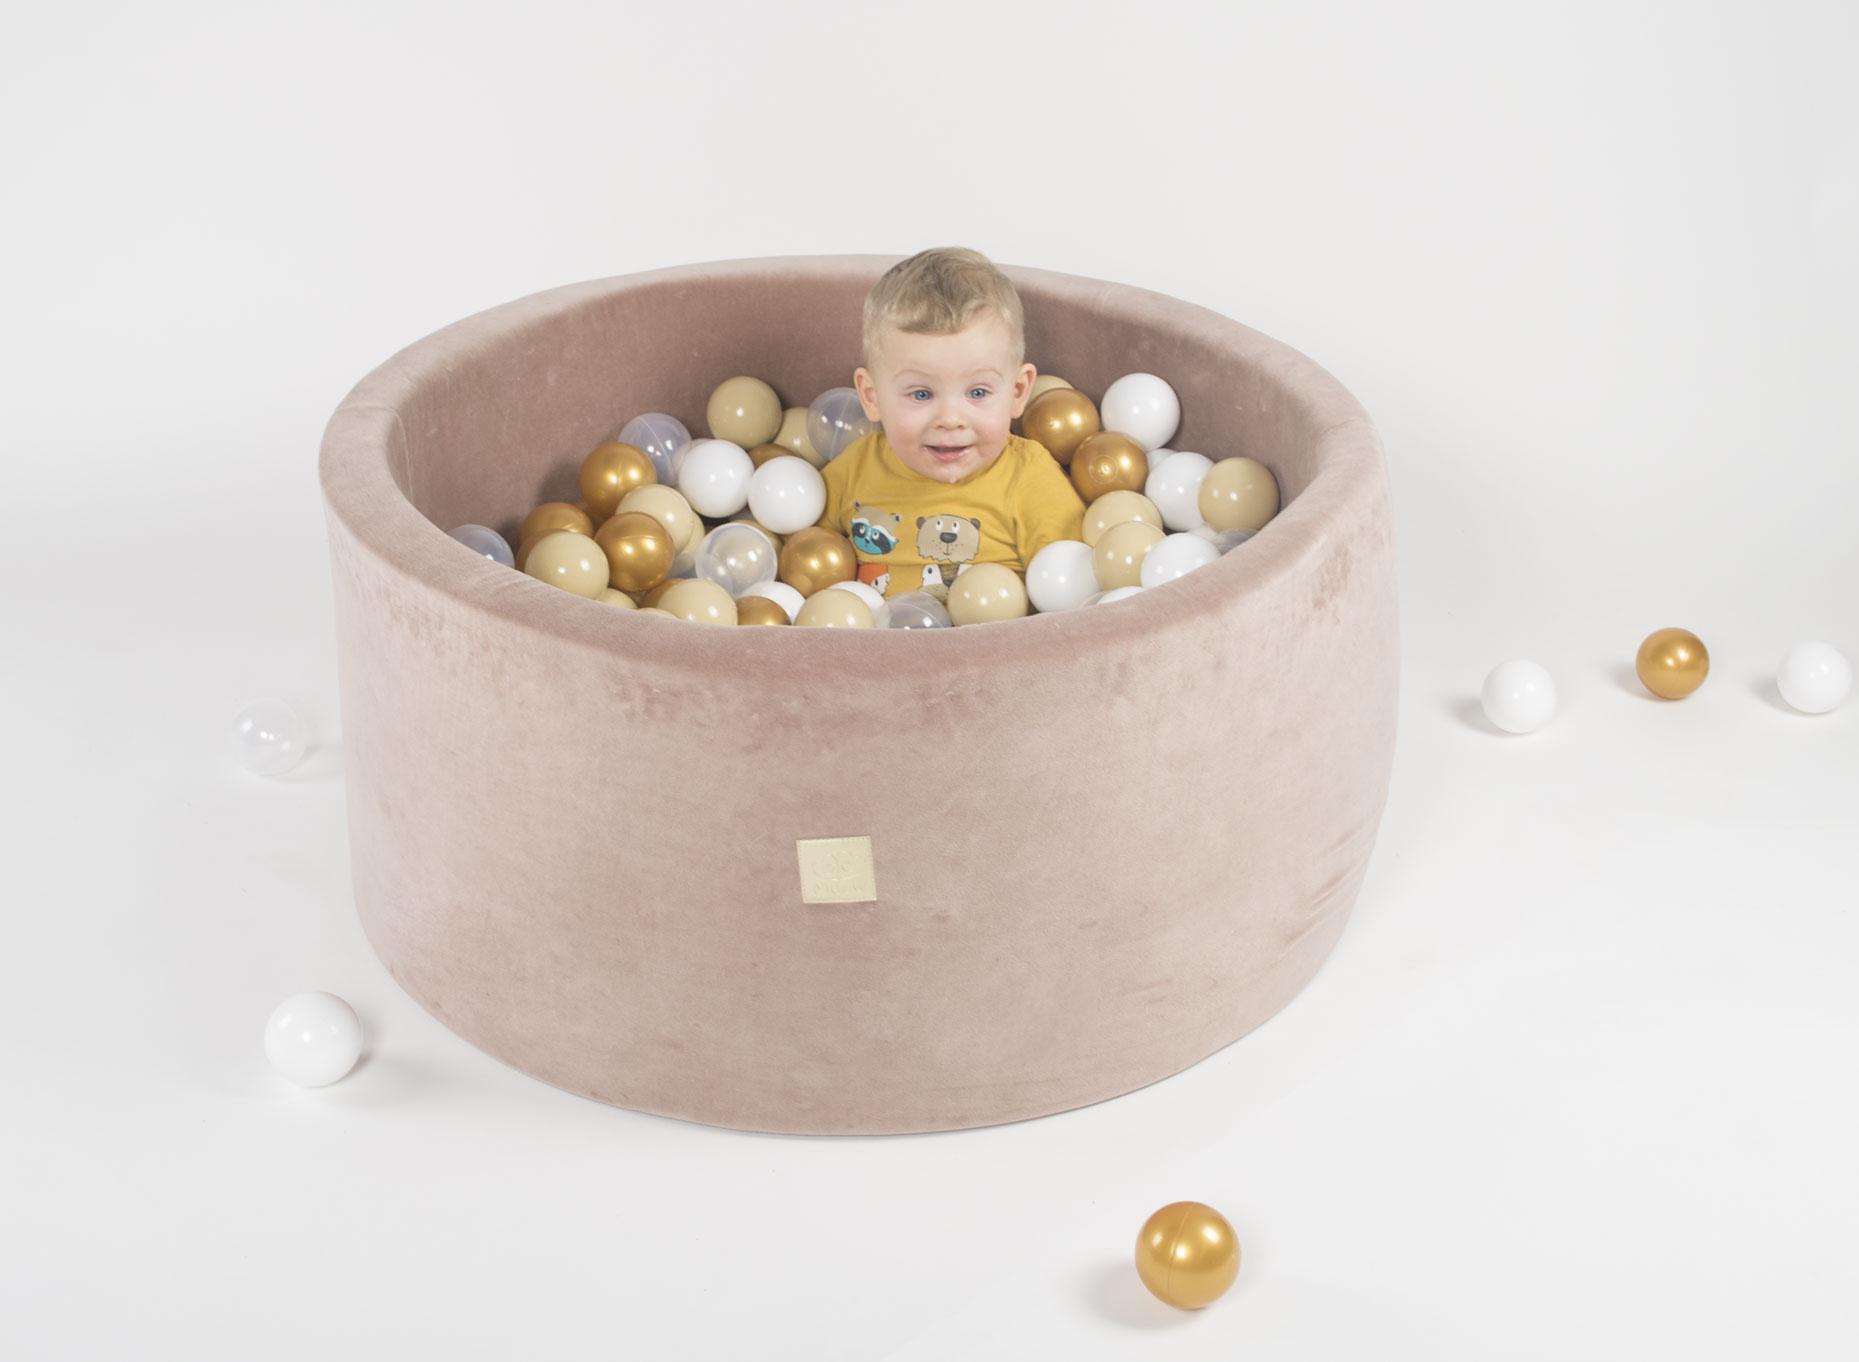 Piscine À Balles - Velvet Beige à Piscine À Balles Bébé